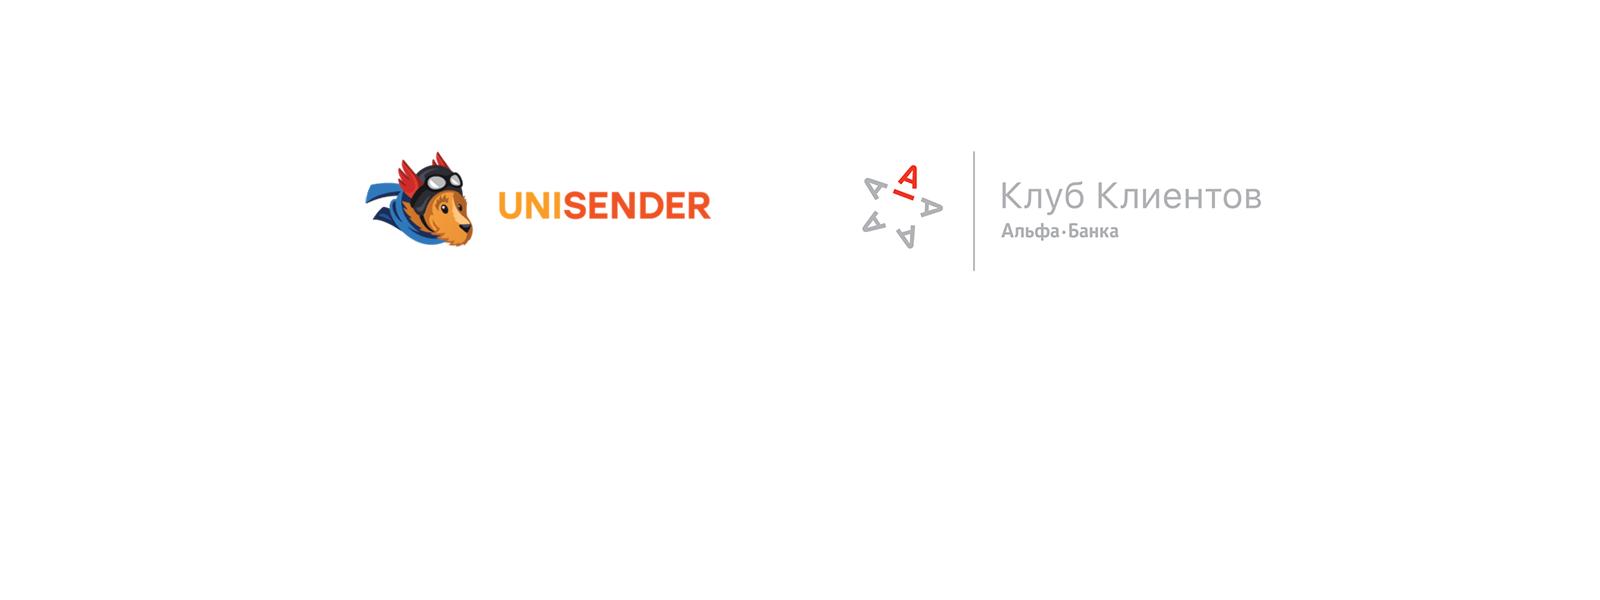 Альфа-Банк и UniSender помогают предпринимателям вести бизнес эффективнее 1